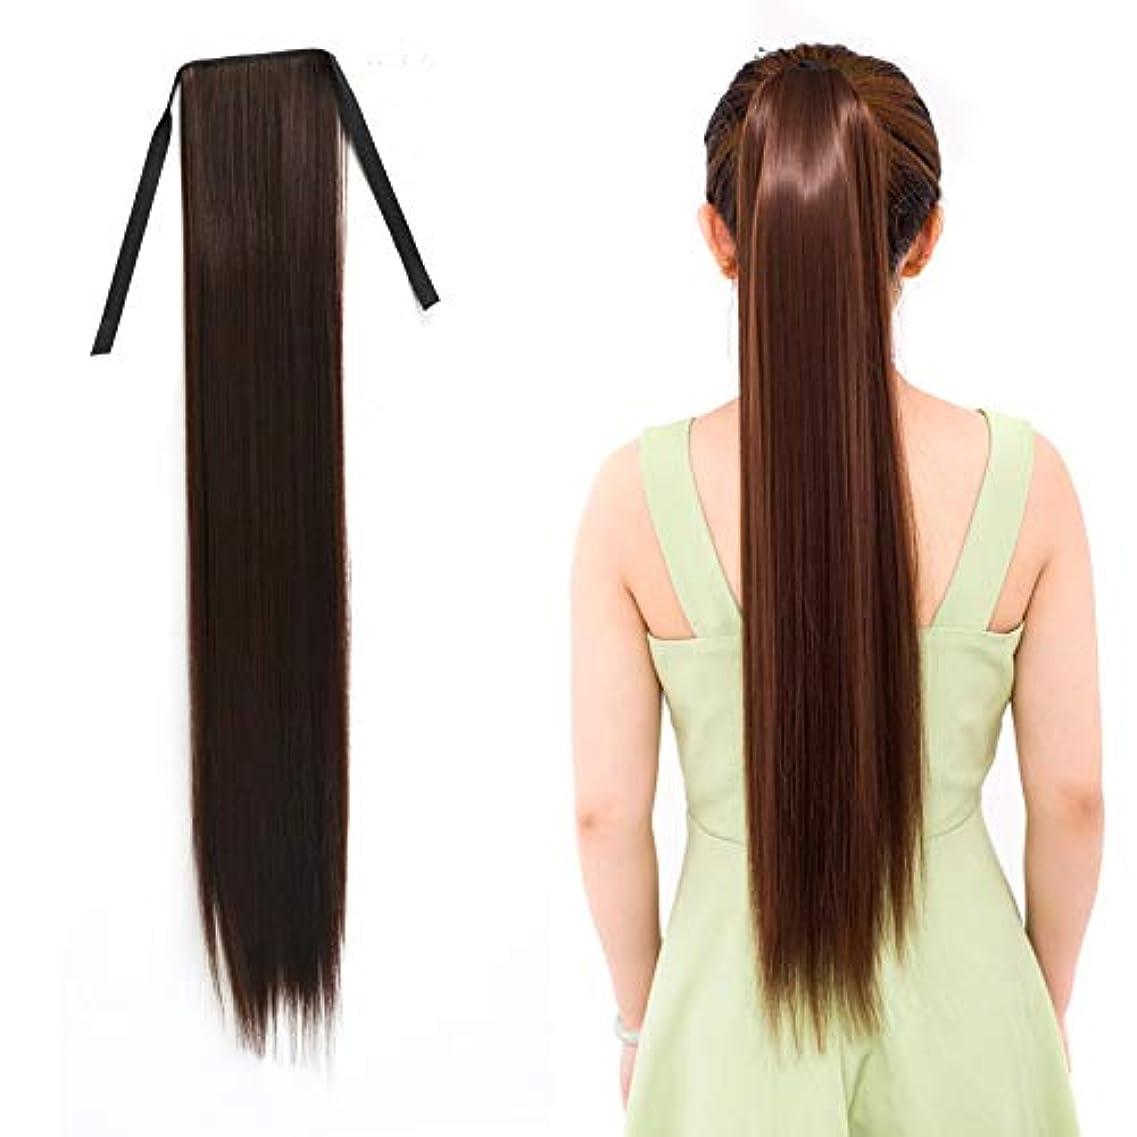 その後大脳ルネッサンス美しさ 女性のためのナチュラルロングストレートヘアポニーテール包帯かつらポニーテール、長さ:75センチ ヘア&シェービング (色 : Black Brown)